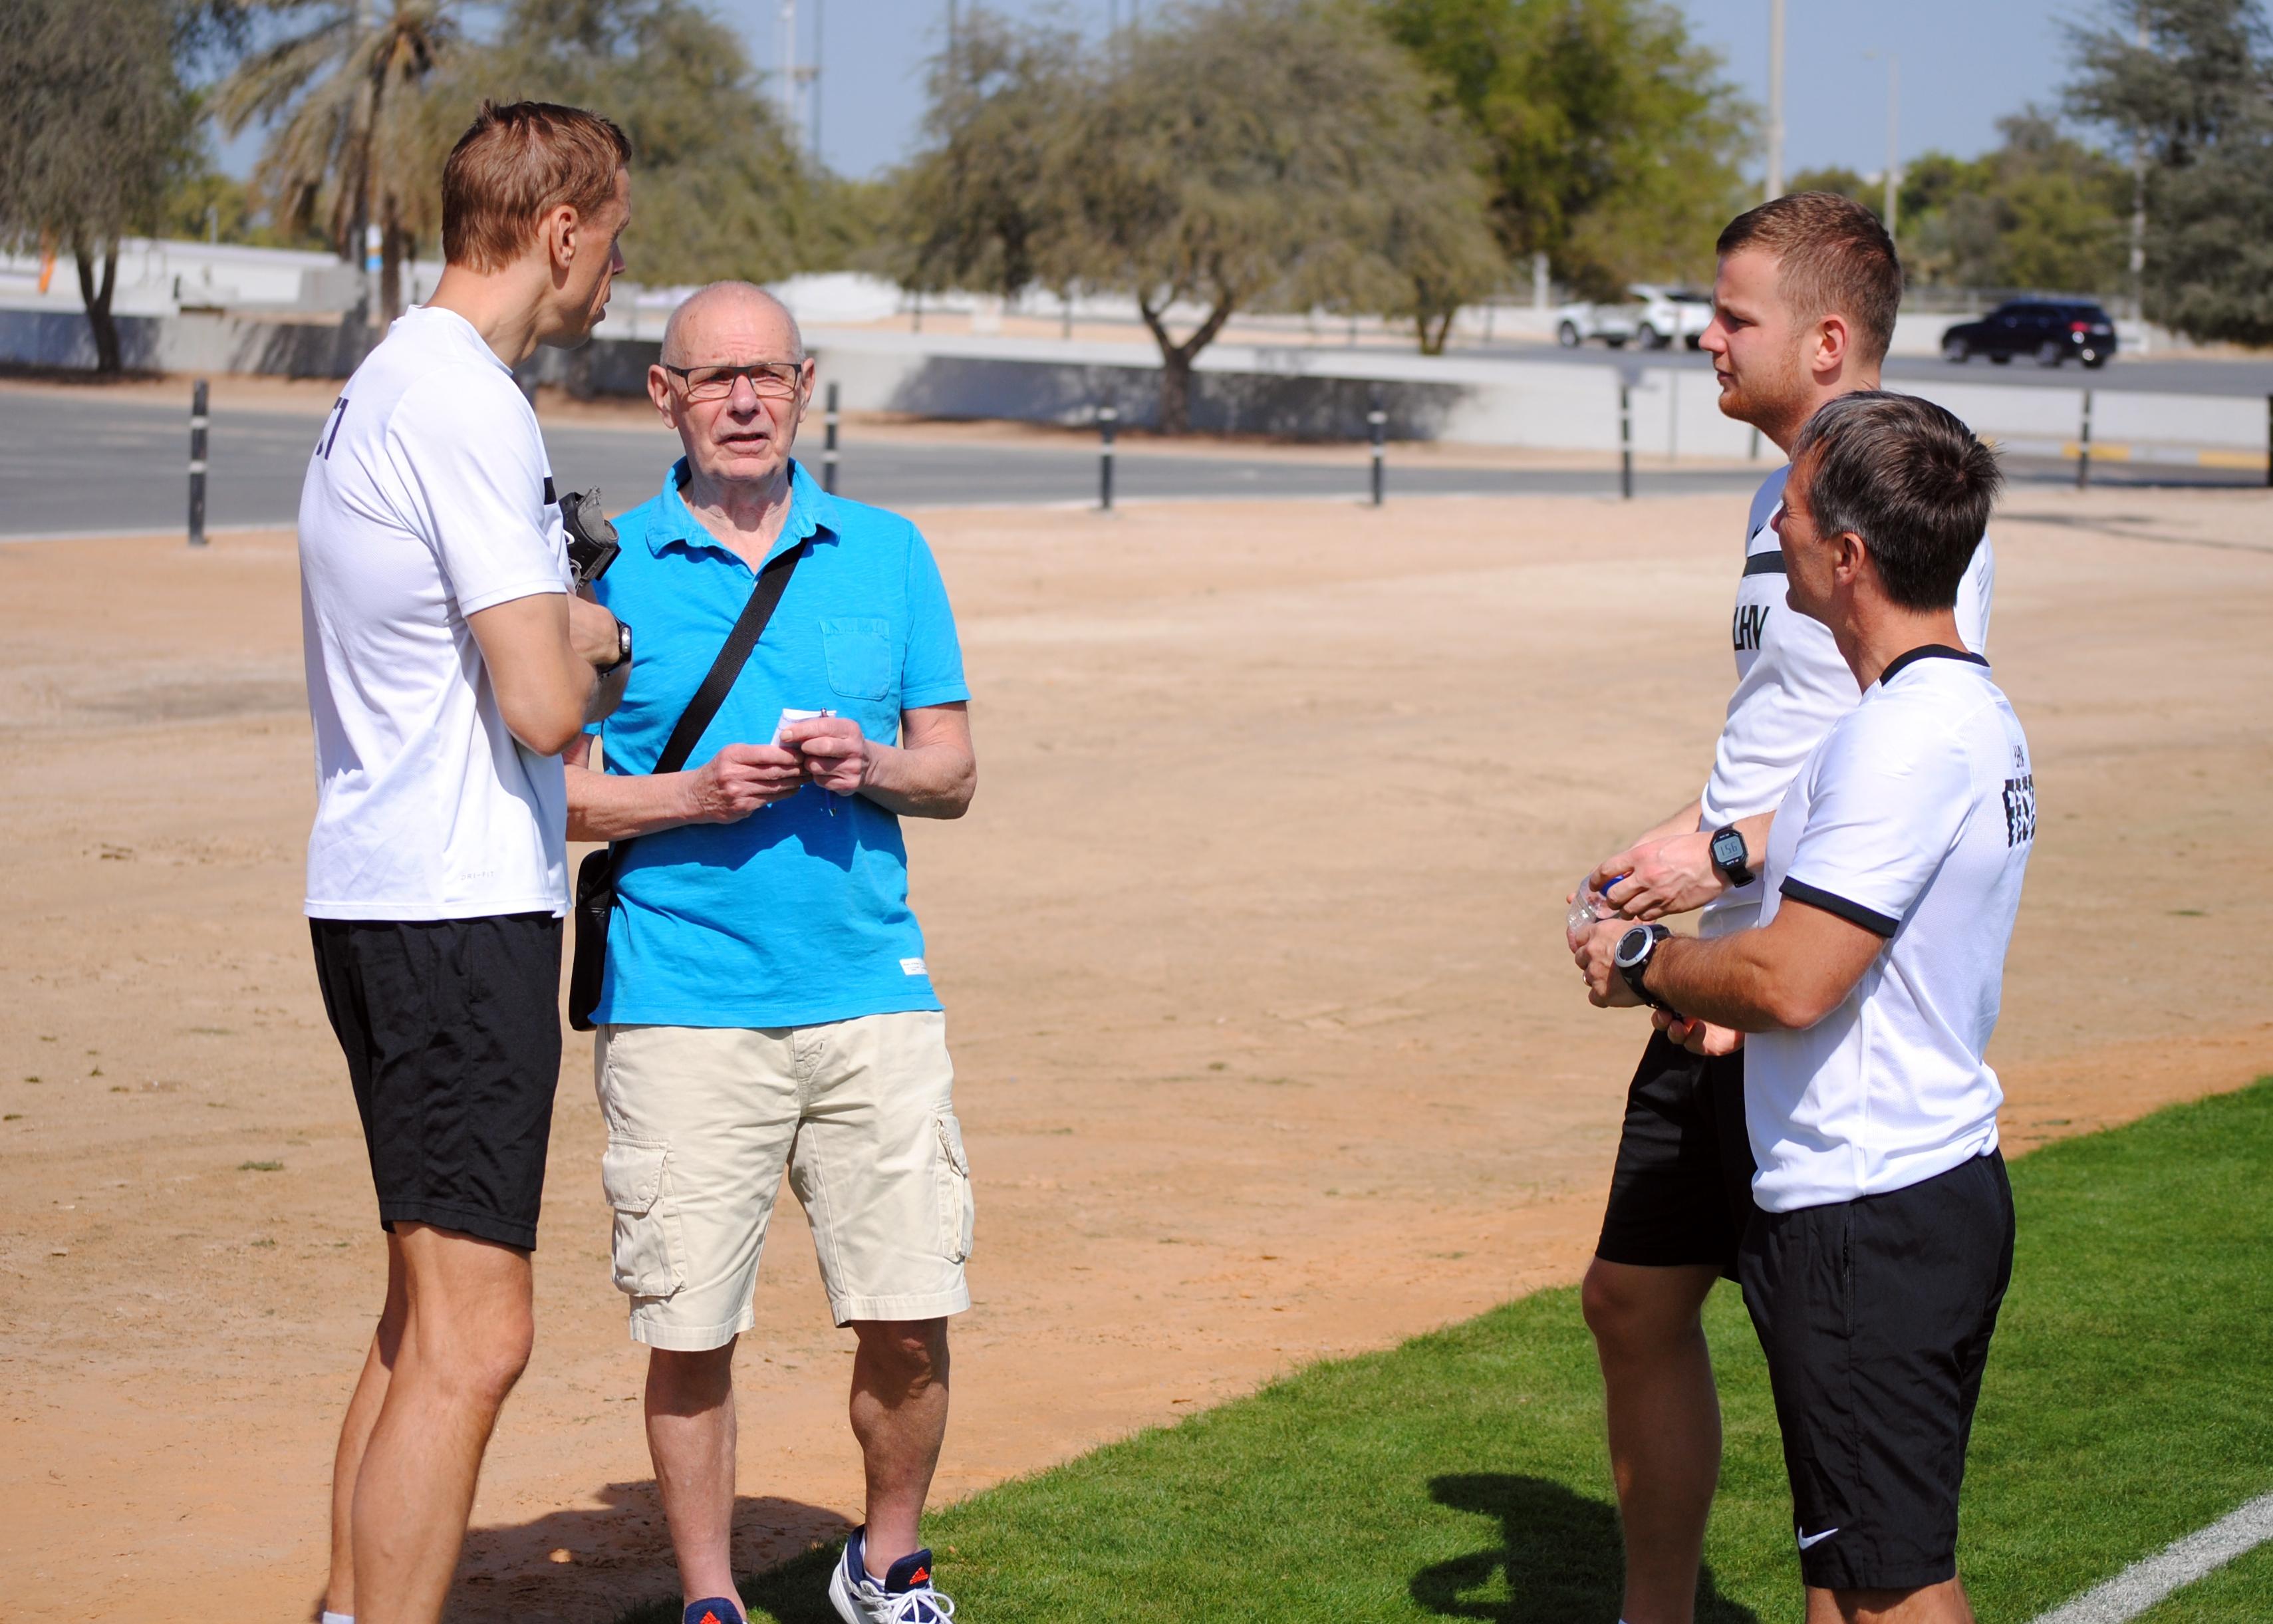 763deb48f21 Abu Dhabis aasta esimeseks maavõistluseks valmistuv Eesti koondis kohtus  ootamatult ühe vana sõbraga - nimelt külastab tänaõhtust mängu endine  peatreener ...